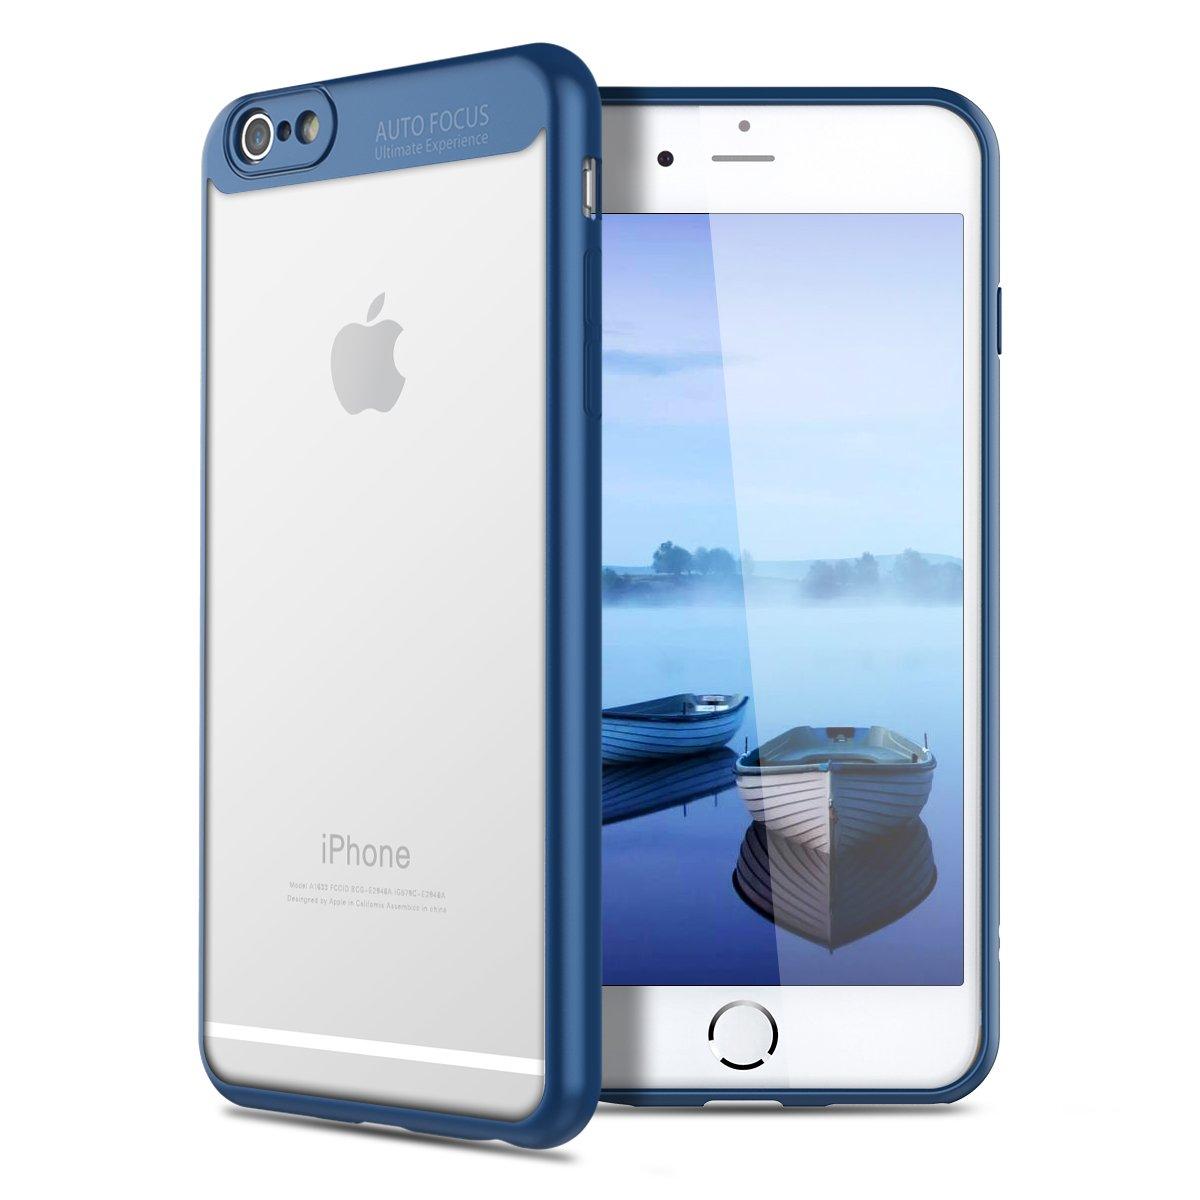 VemMore Cover iPhone 6S / iPhone 6 Custodia Cover Hard PC Trasparente Crystal Clear 360 Gradi Protezione Slim Sottile Case [Antigraffio, Antiurto] in Plastica Dura Bumper Caso Cover Protettiva per iPhone 6S / iPhone 6 - Rosa